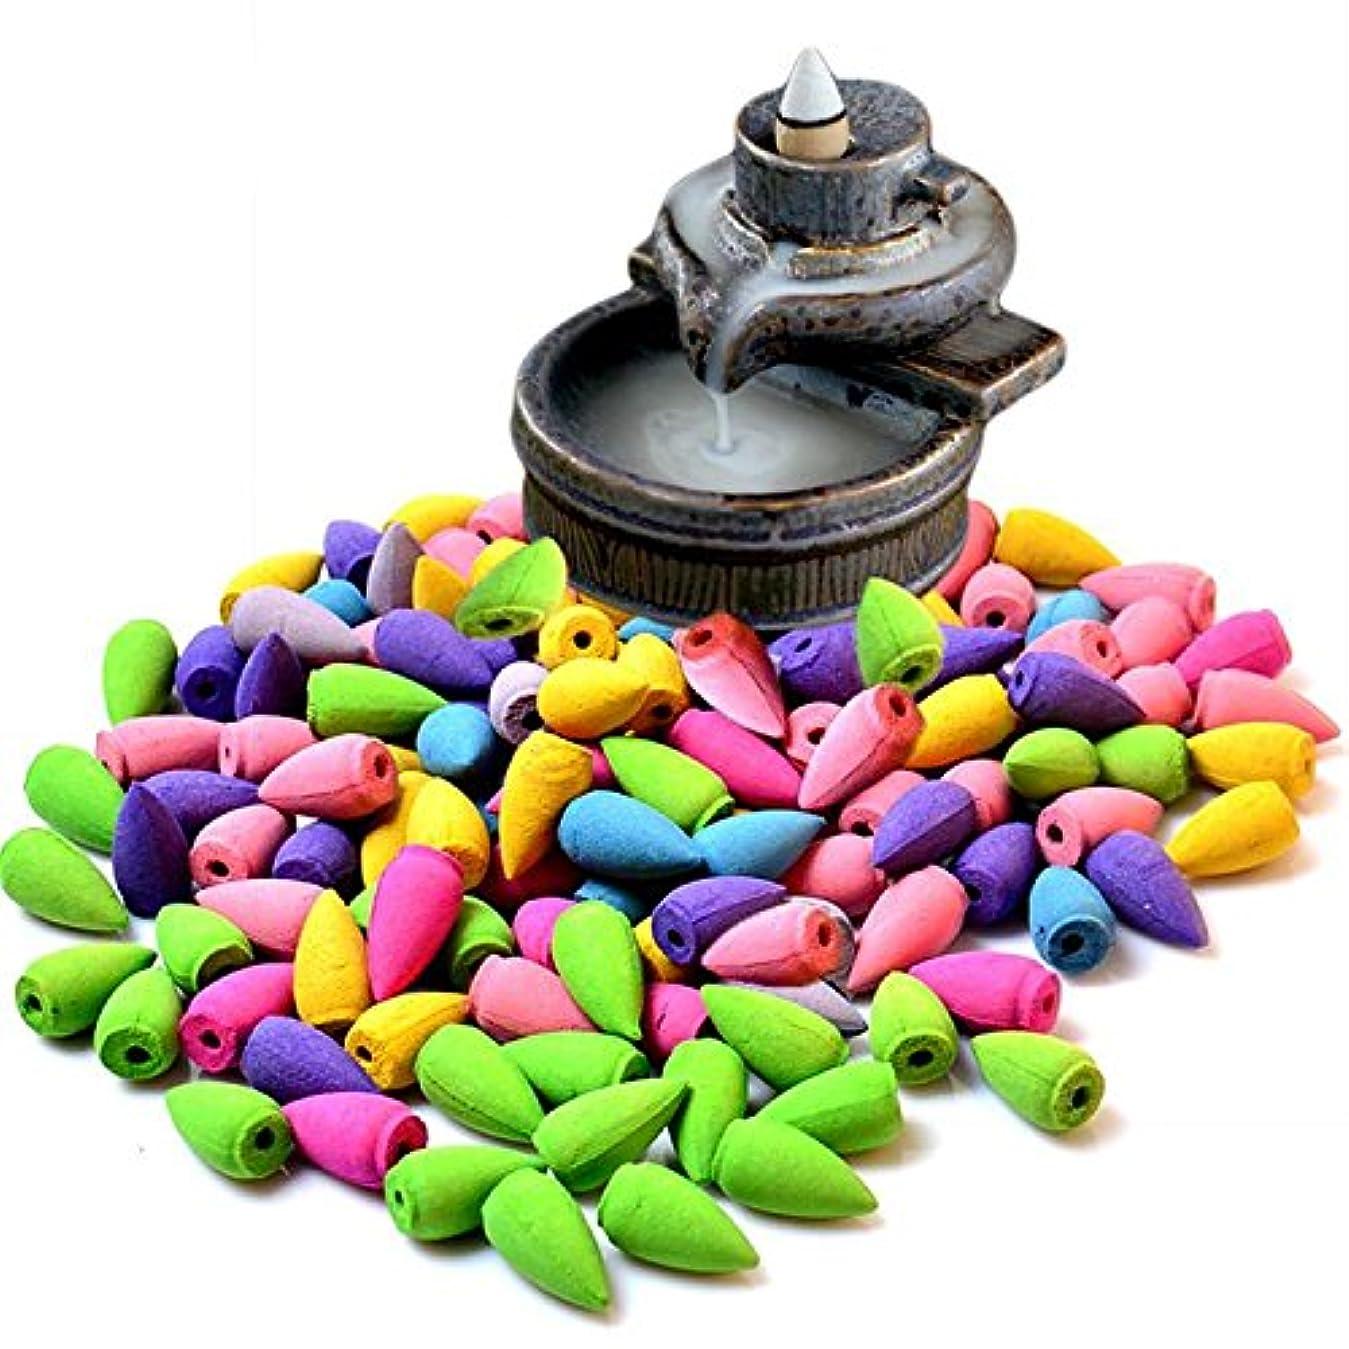 促す近くコショウECYC Rerro  陶器の香炉 室内用バックフローつり香炉 アロマセラピー用の香立て  収集可能 B01LC3EI7O